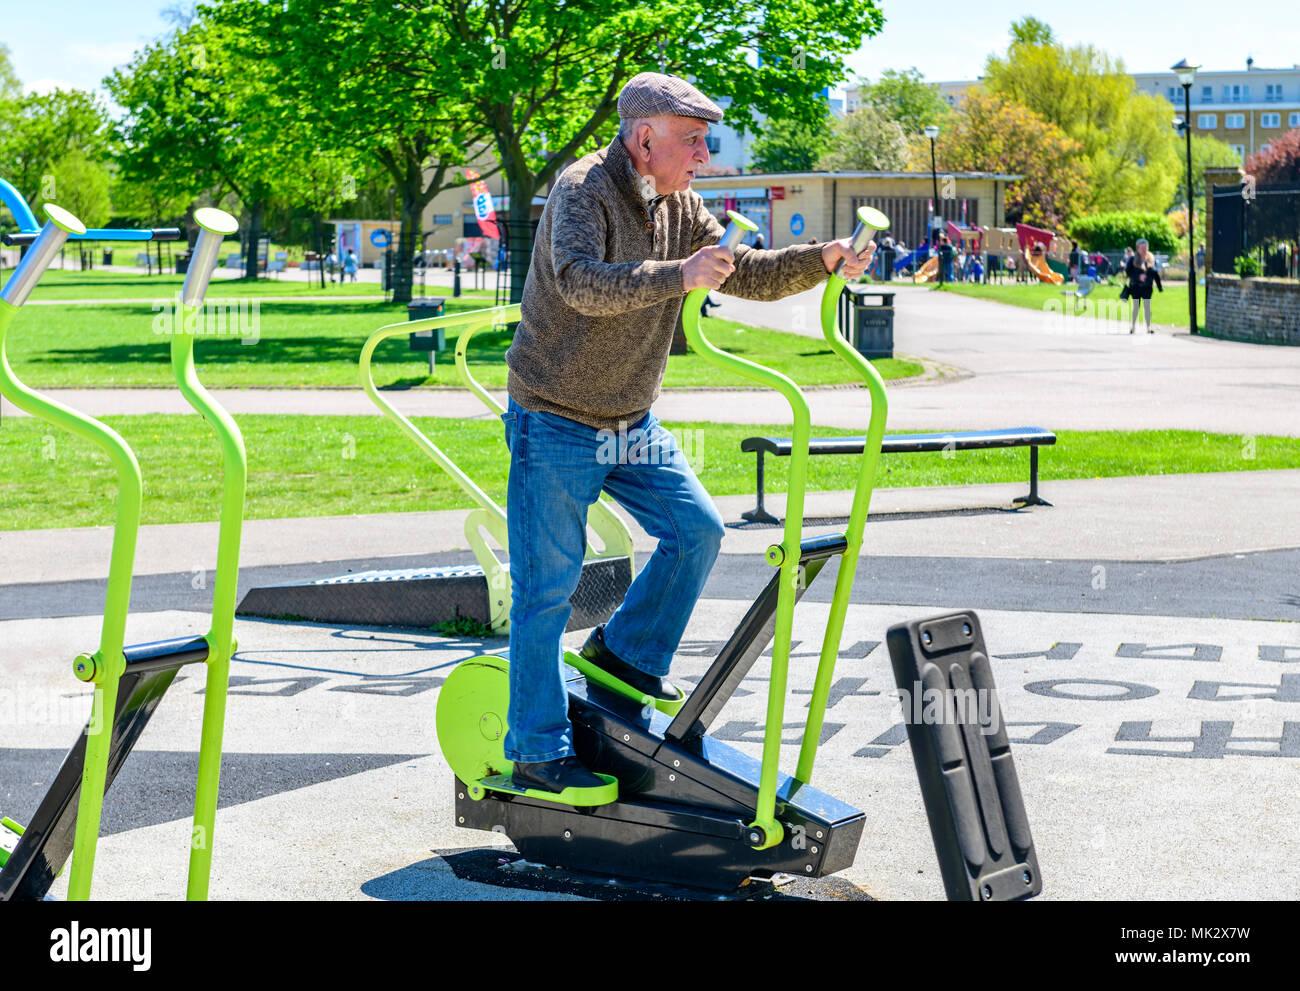 Hombre Elserly ejercer en un parque caminando máquina Imagen De Stock